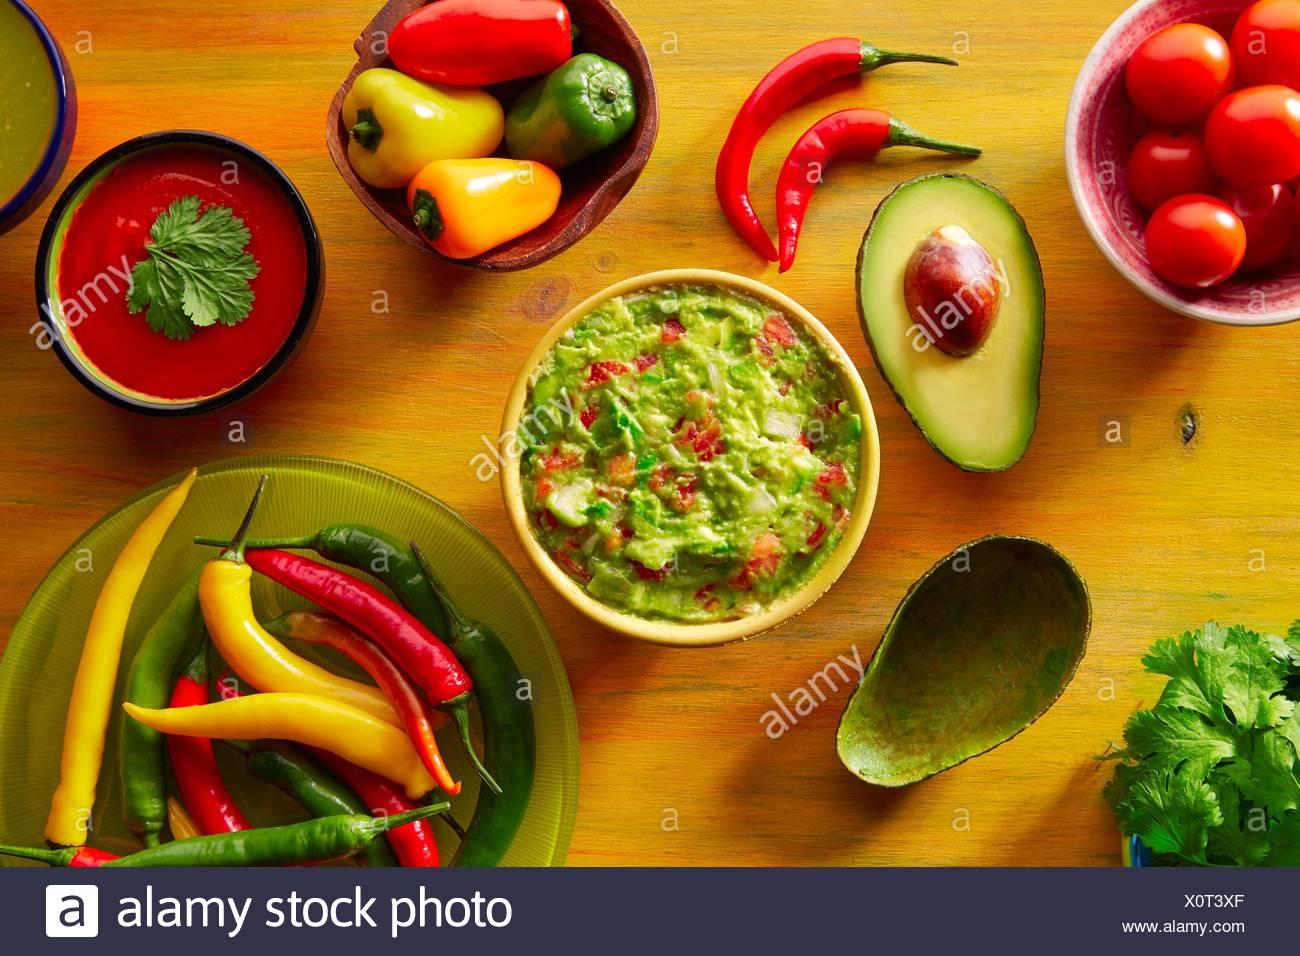 Mexican food mixed guacamole nachos chili sauce dipping cheddar cheese lemon pico de gallo. - Stock Image